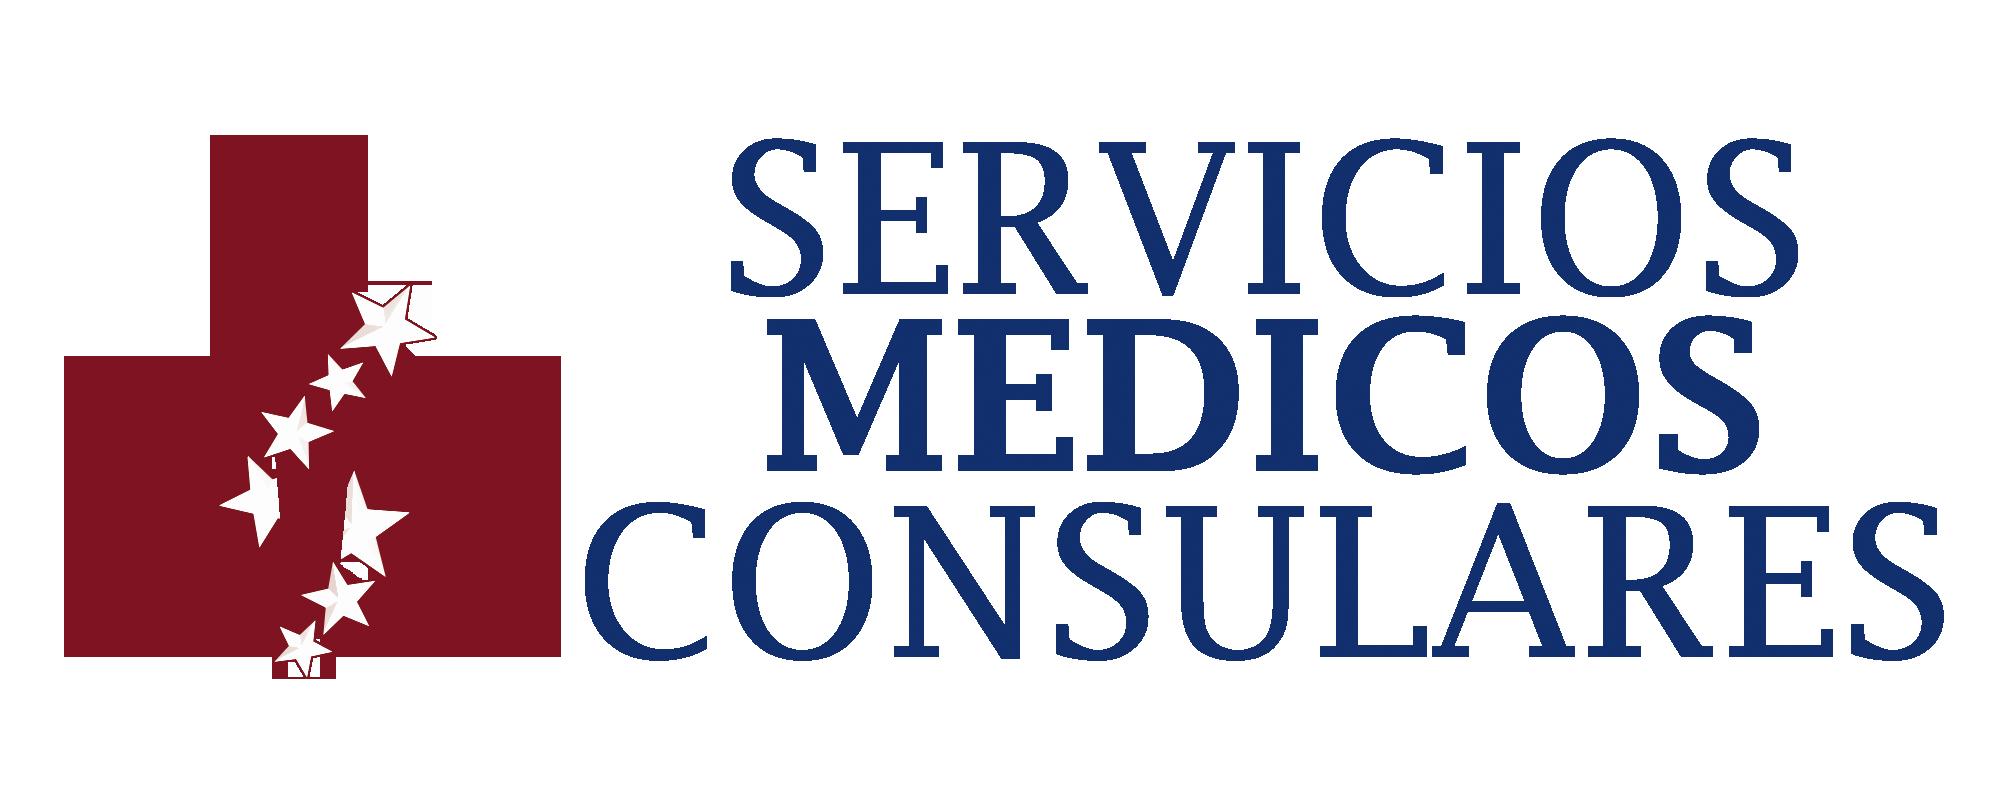 Servicios Medicos Consulares